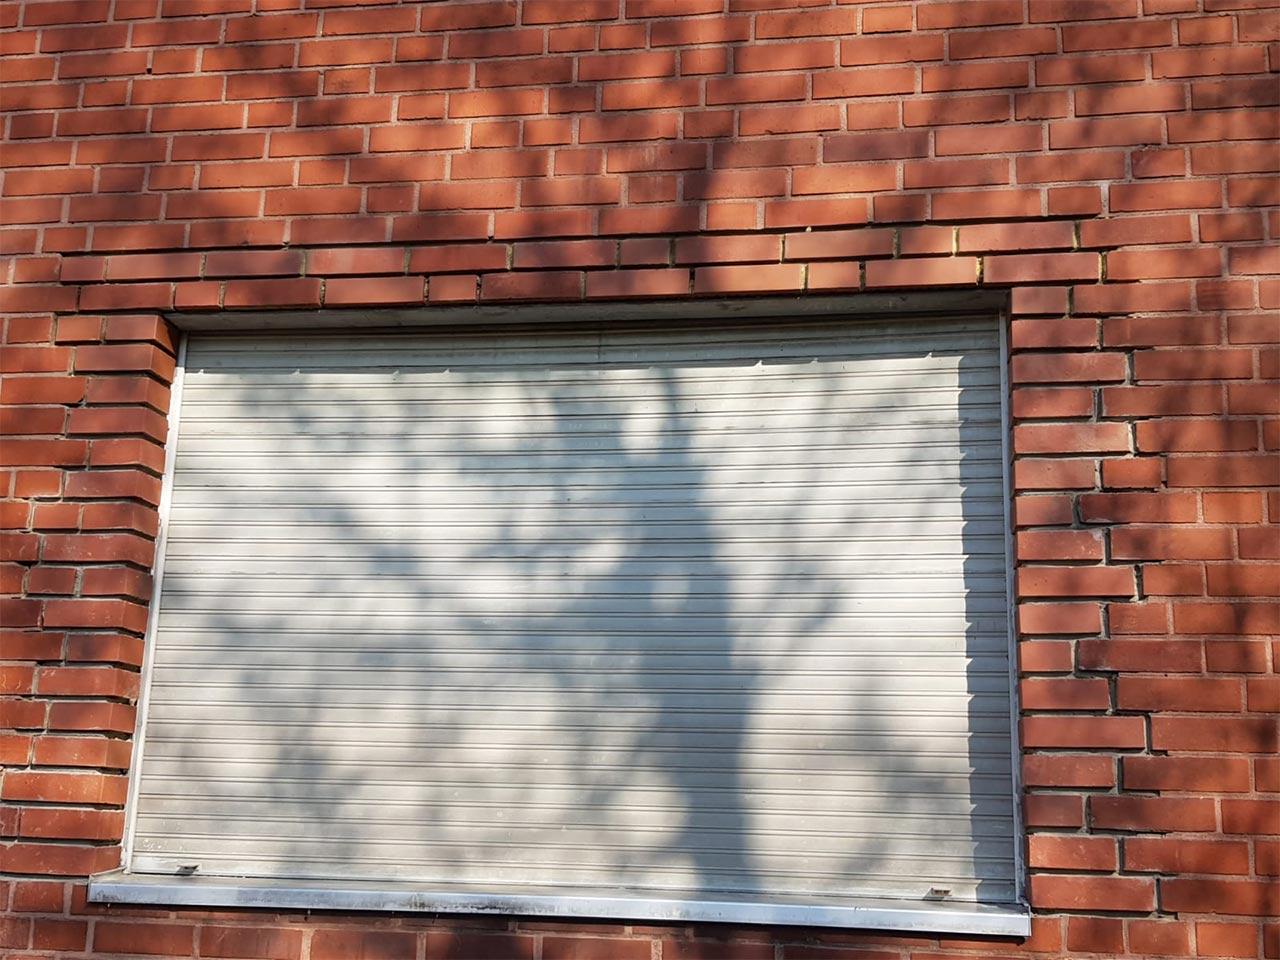 Winkeleisten / Träger - Klinkermauerwerk am Fenster